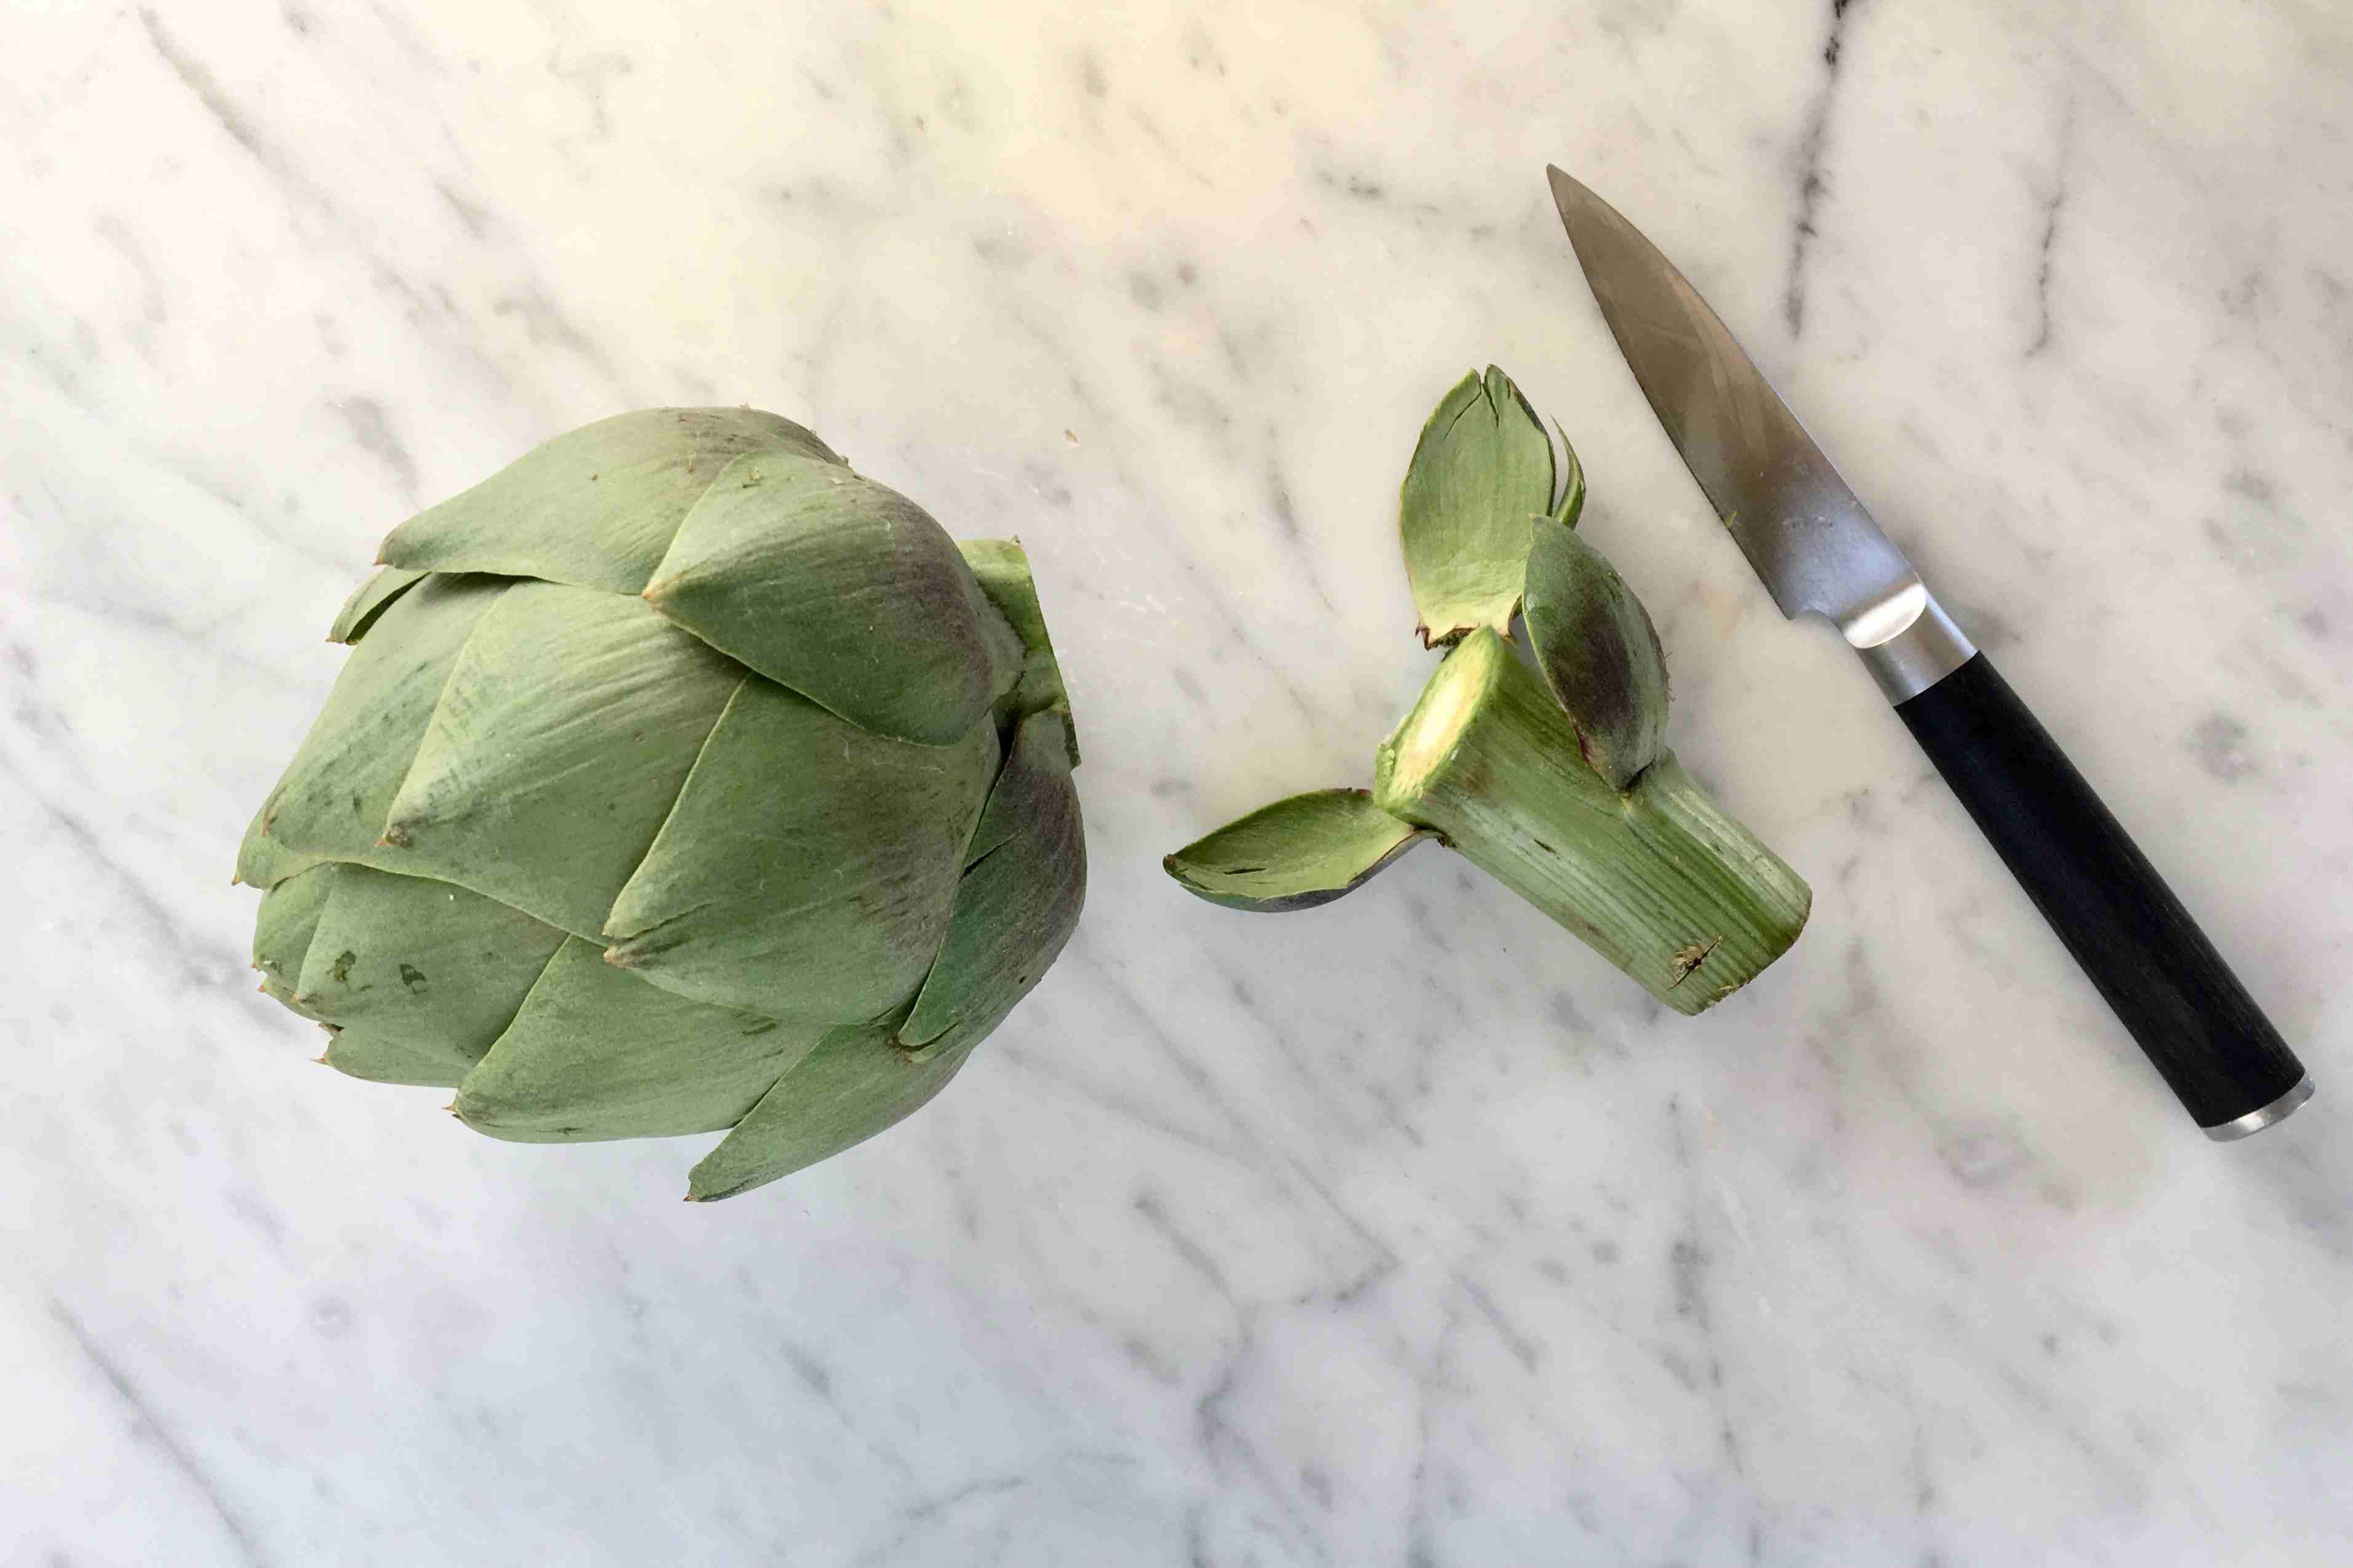 Cut Stem From Artichoke